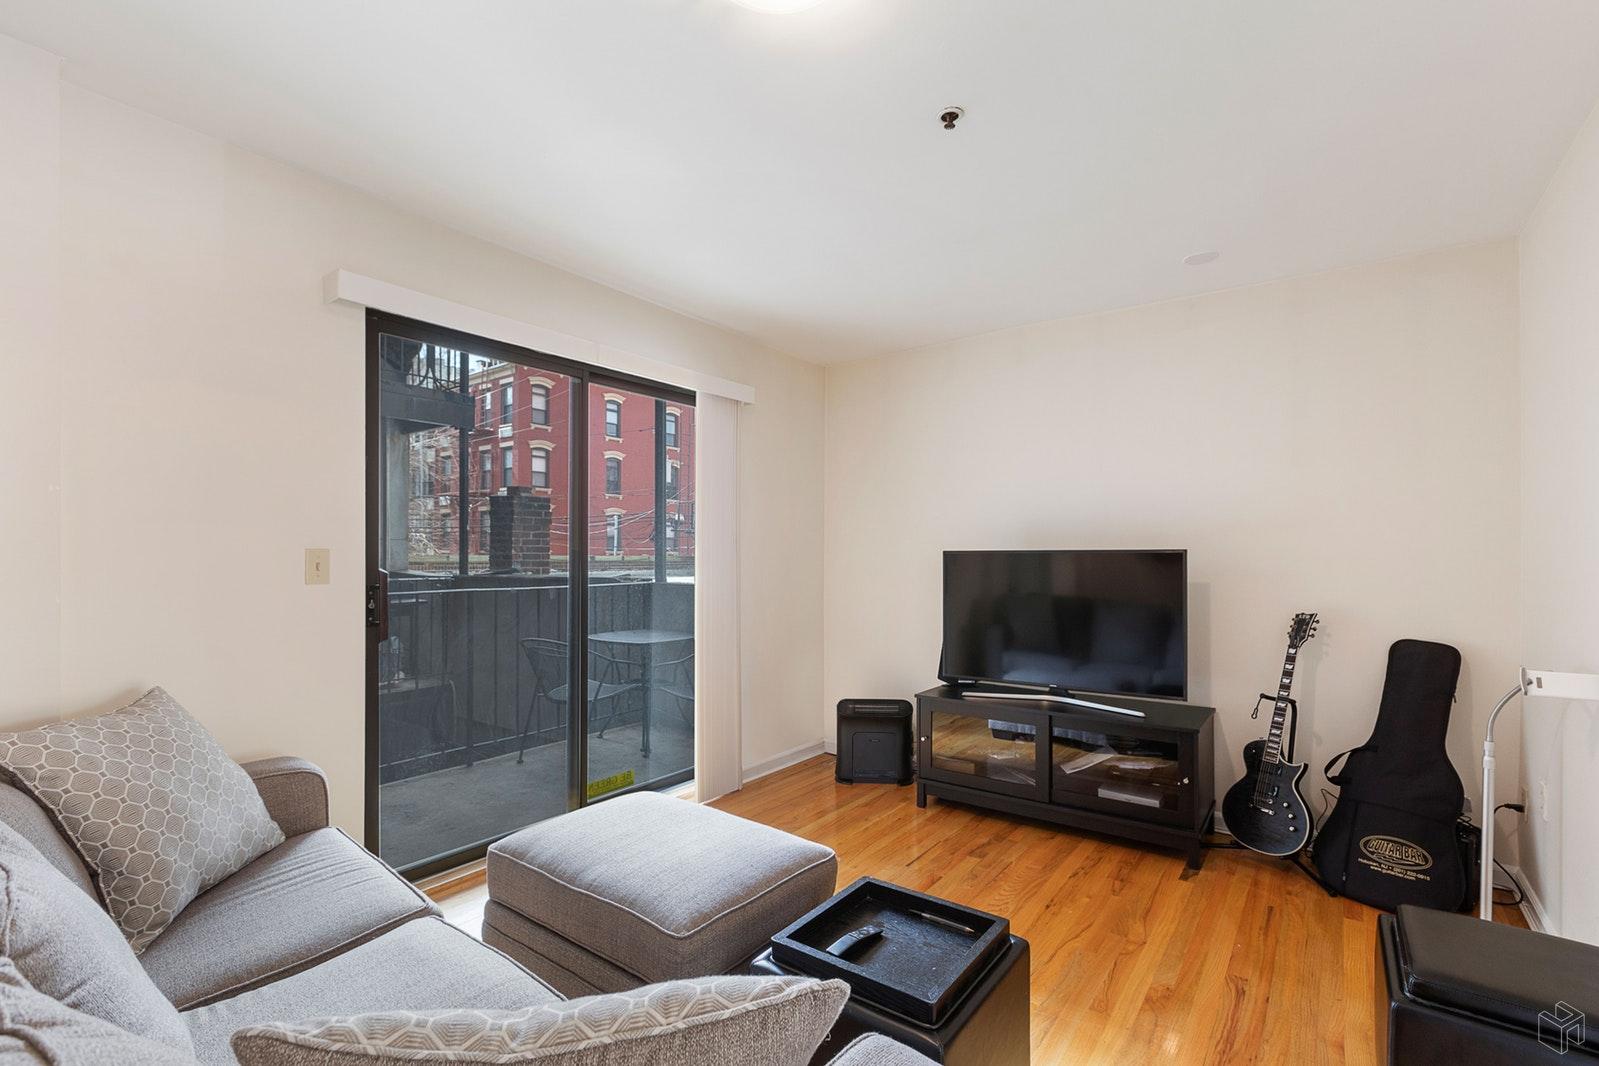 406 4TH STREET 1, Hoboken, $2,150, Web #: 19525581